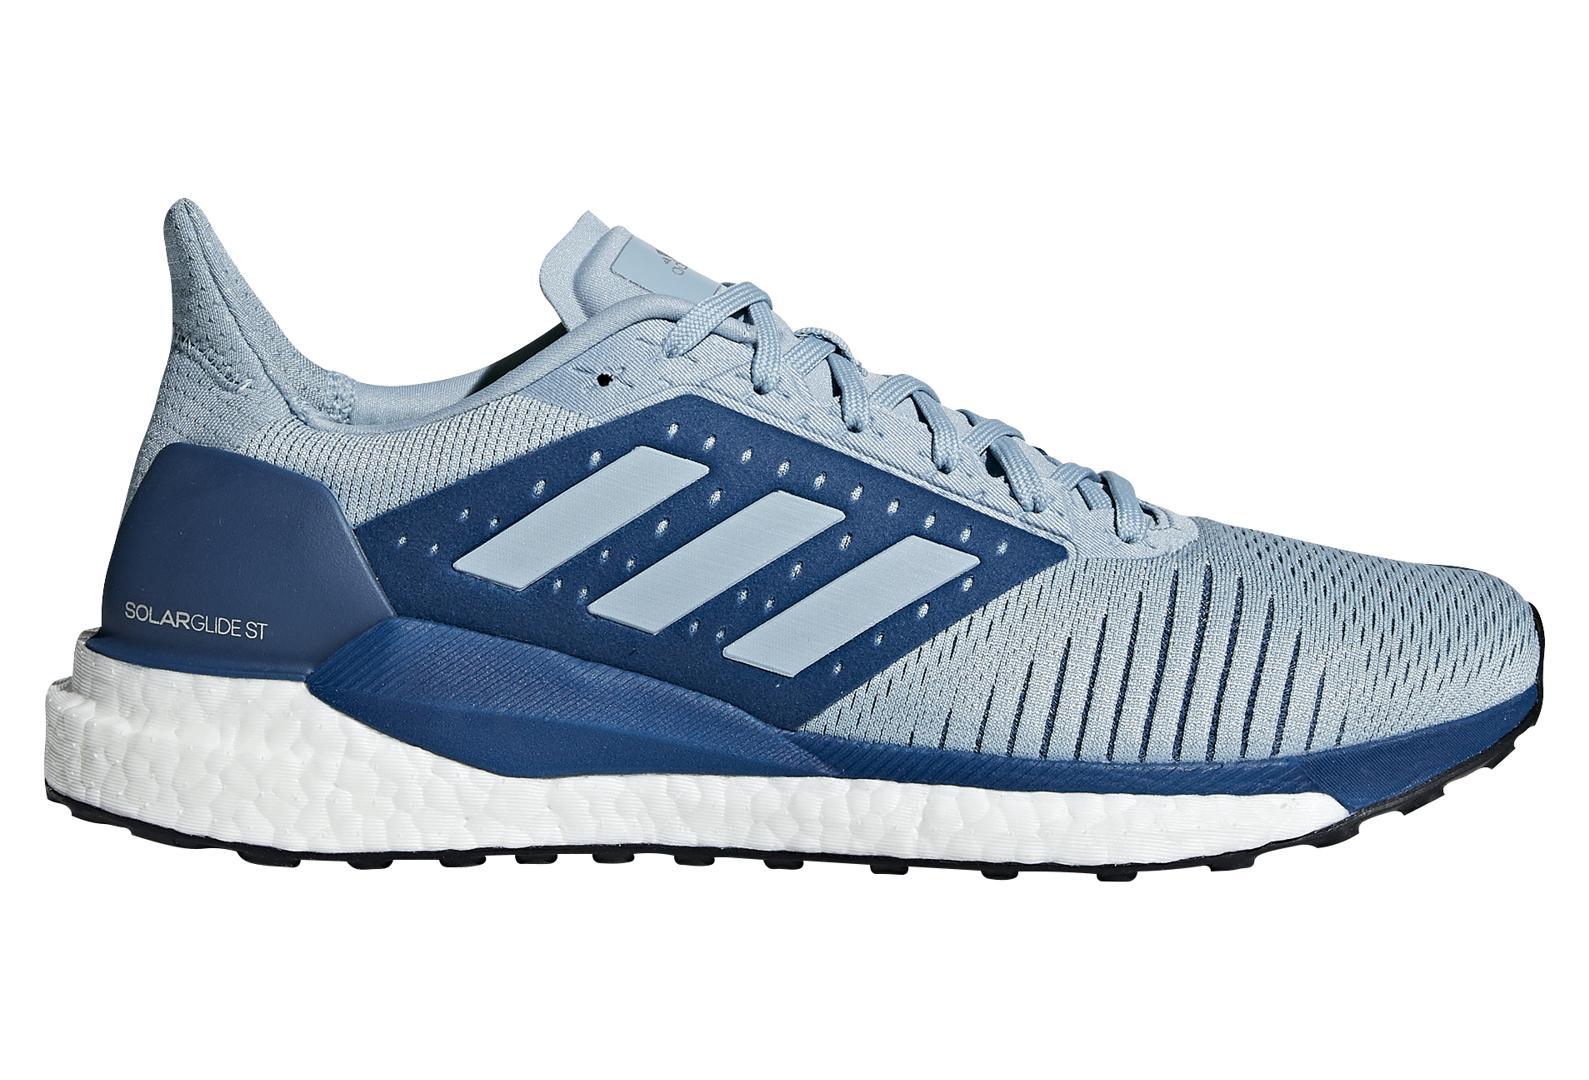 Blau Solar Adidas Schuhe Glide St 8PXnw0kOZN